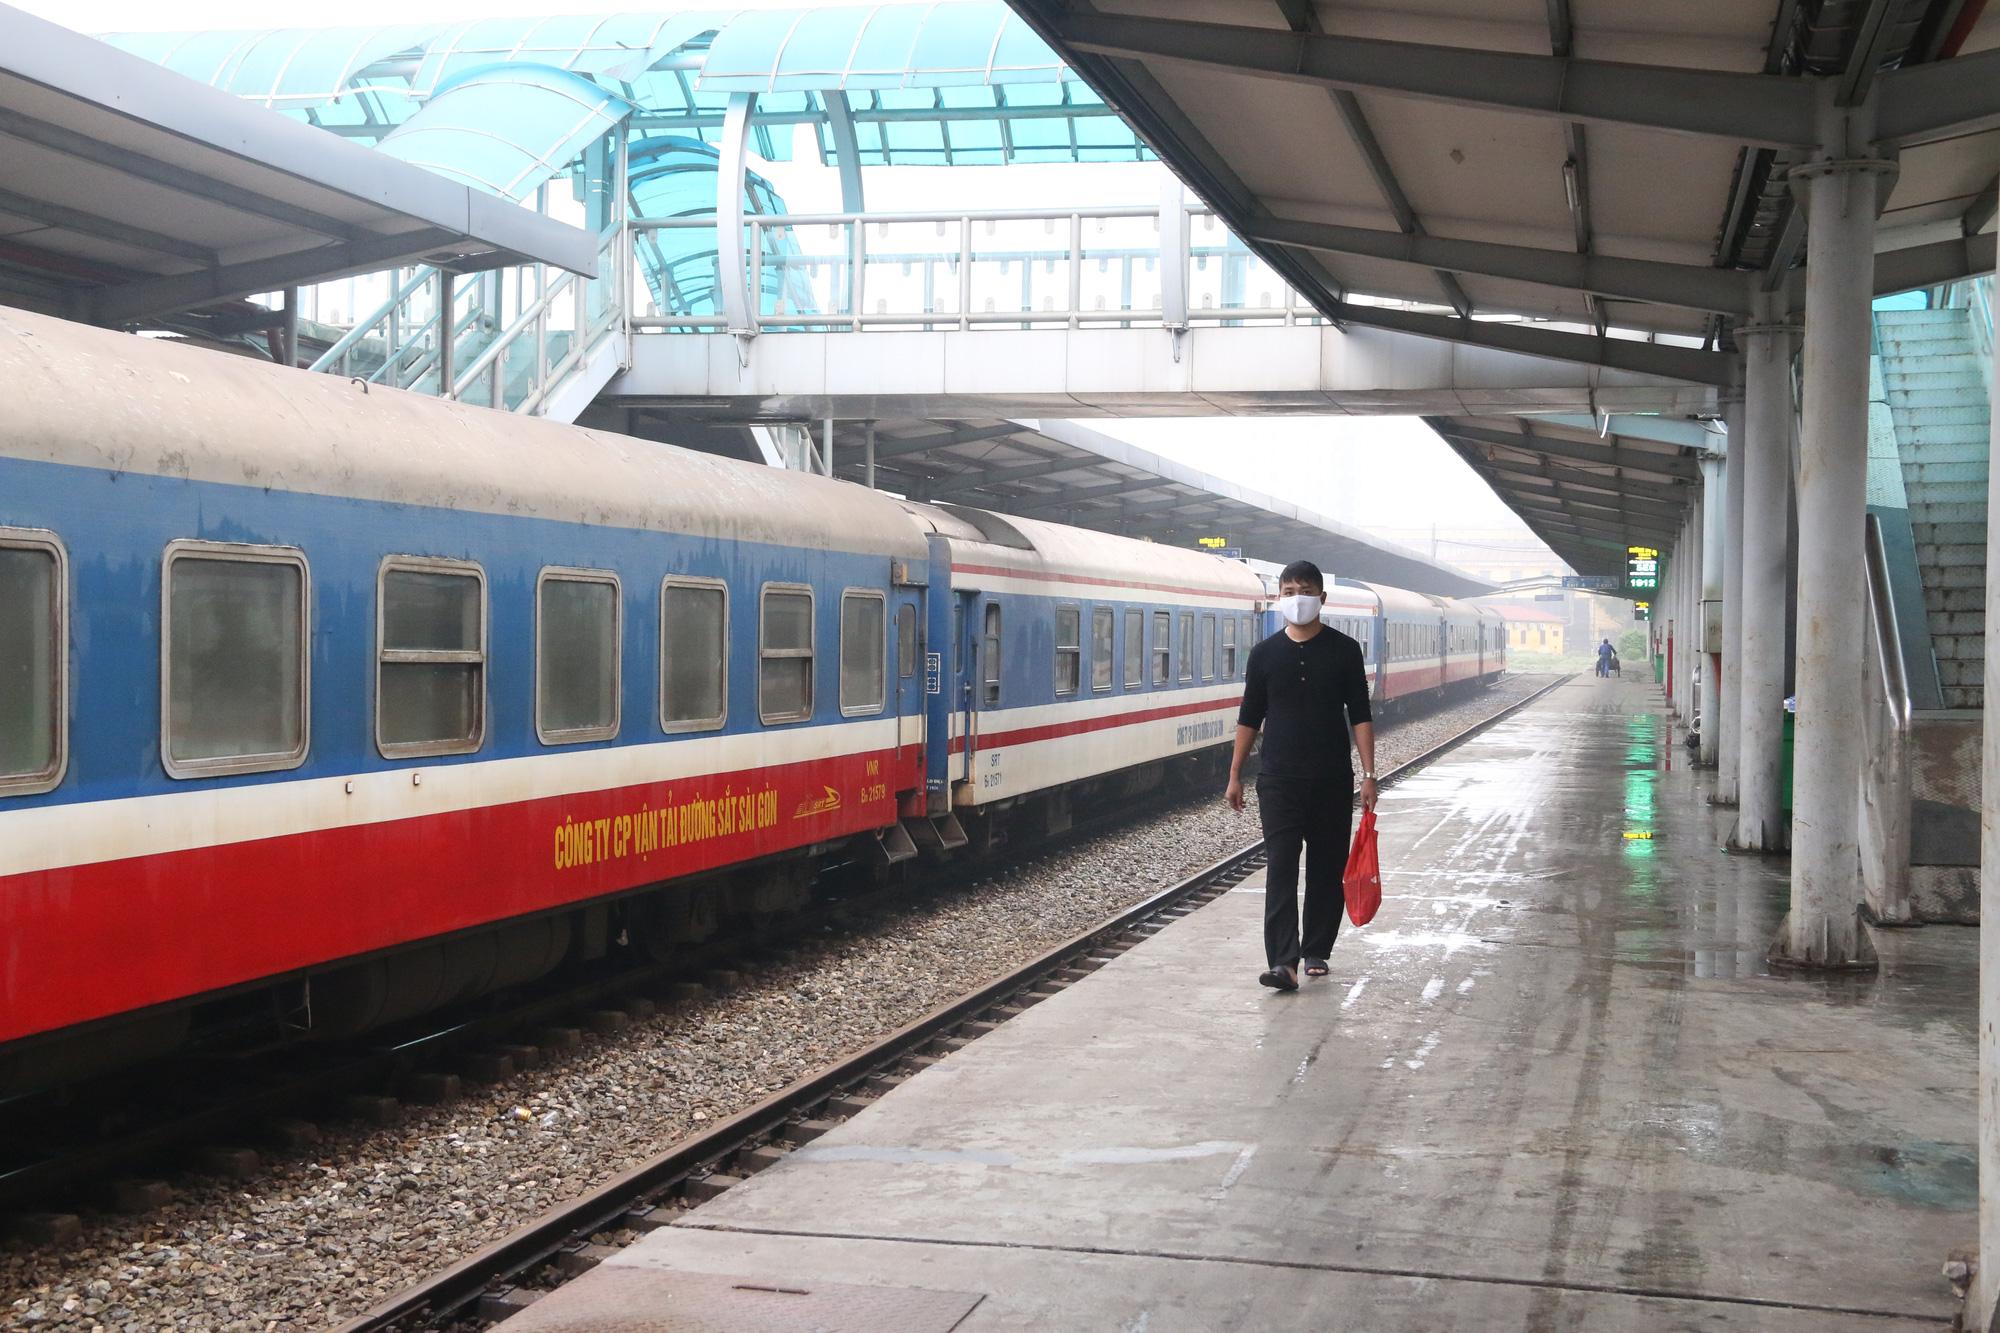 Cảnh vắng lặng ở ga tàu, bến xe Hà Nội: Nhiều chuyến xe rời bến chỉ mình tài xế, không hành khách - Ảnh 14.